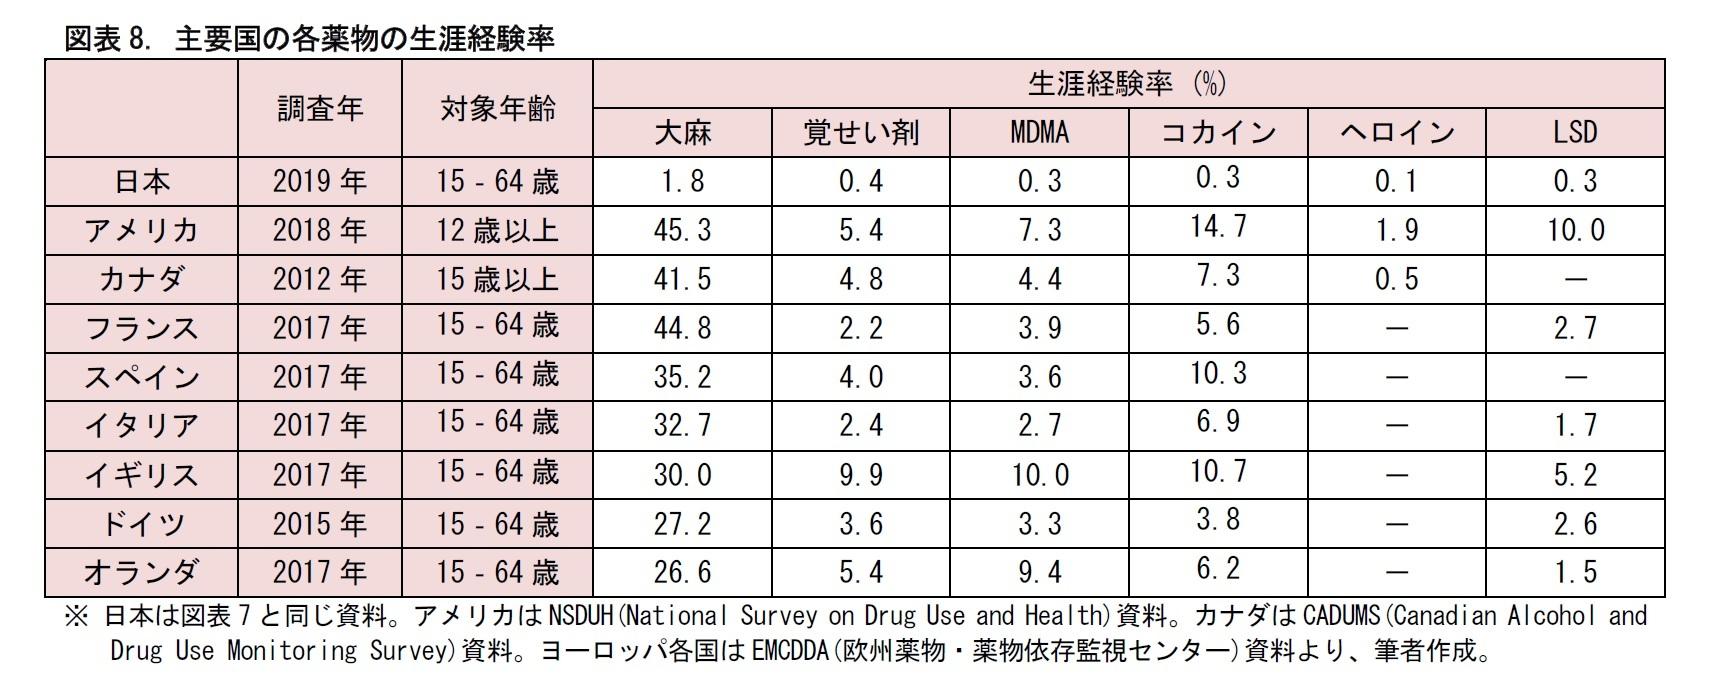 図表8. 主要国の各薬物の生涯経験率